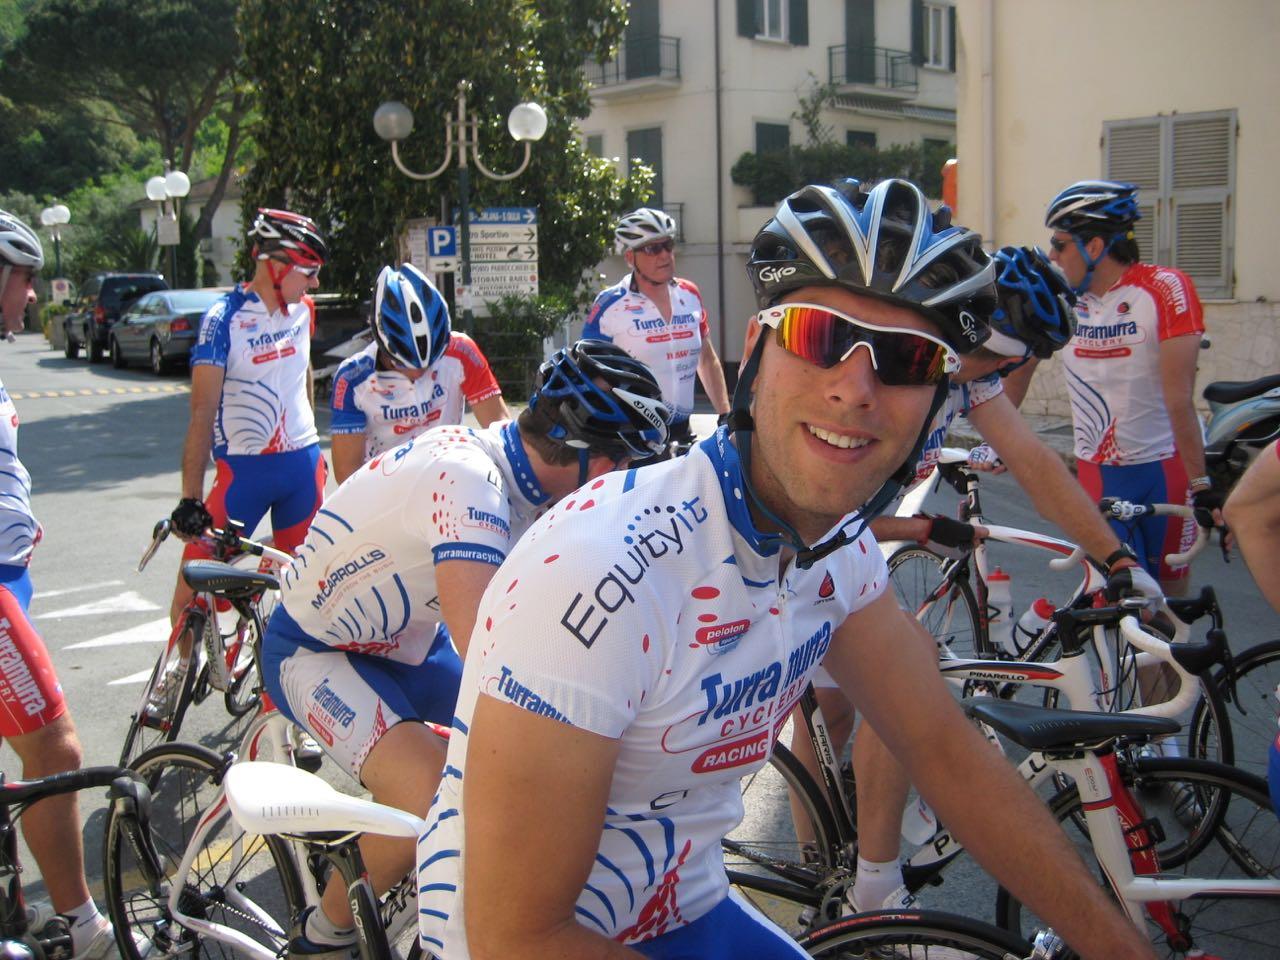 2010 Liguria, Tuscany, Milano, Lakes & Alpes -